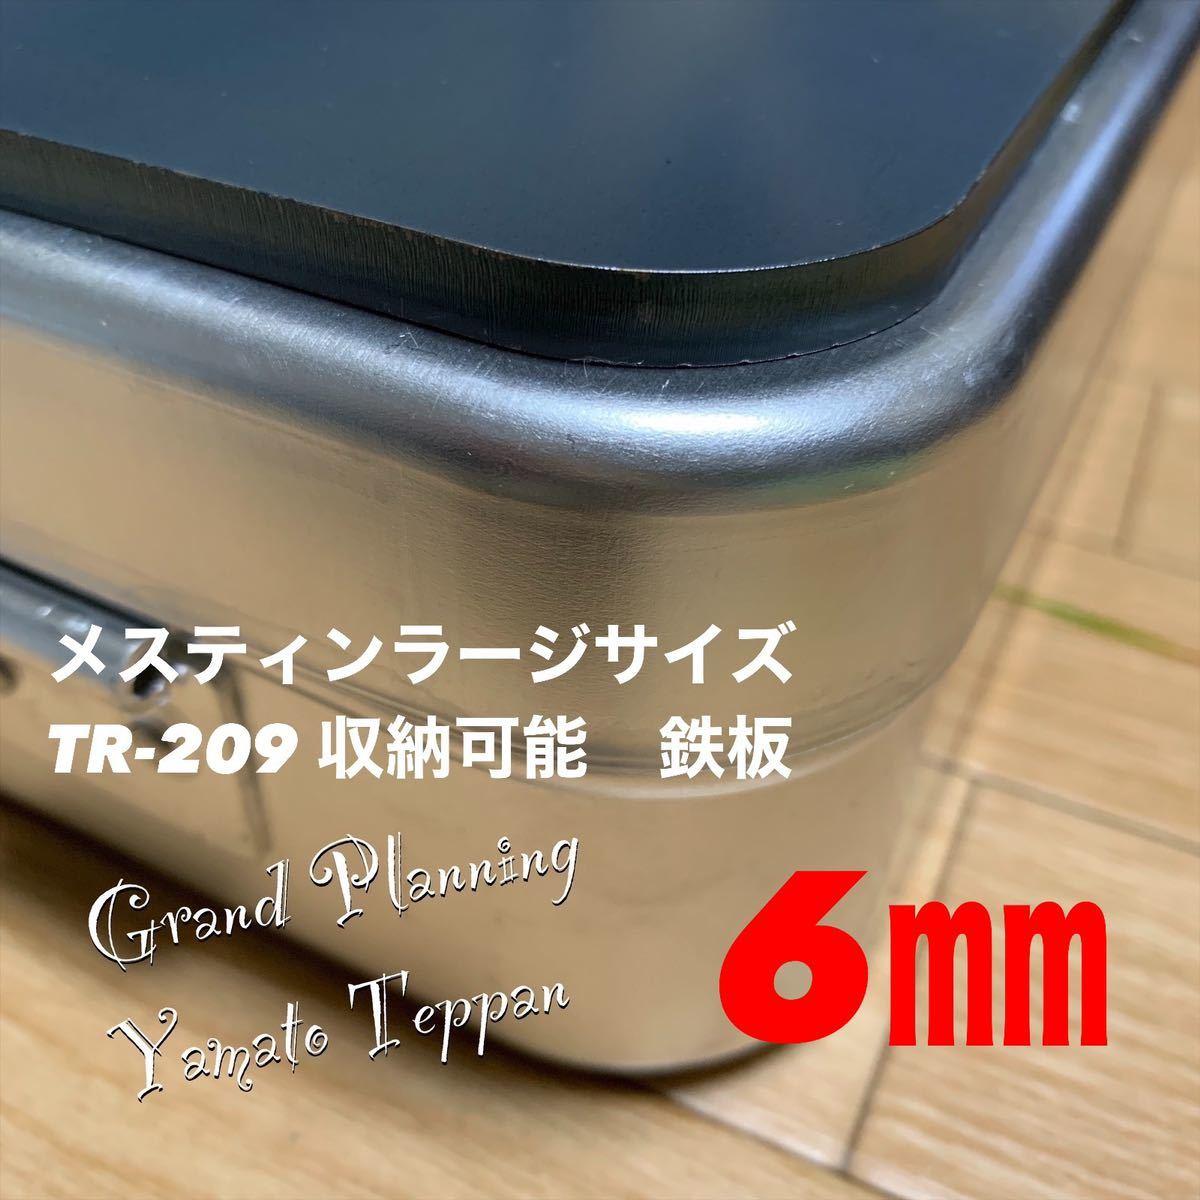 トランギア メスティン ラージ 収納サイズ 鉄板 6ミリ スクレーパー 収納袋 セット